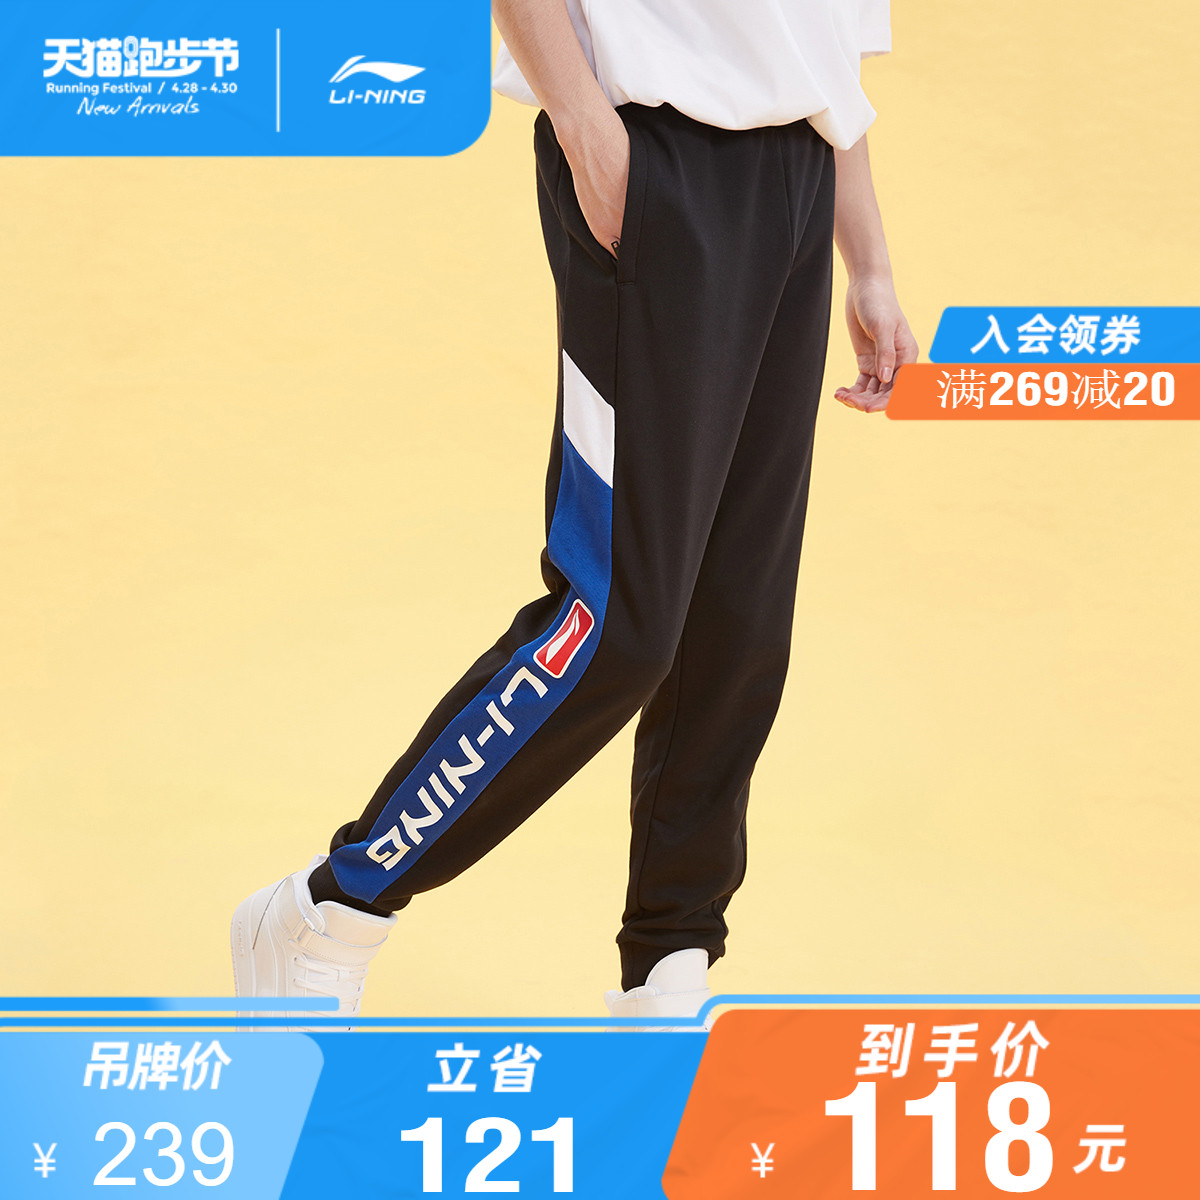 李宁卫裤男士官方正品新款时尚休闲裤子潮流百搭春季运动长裤男